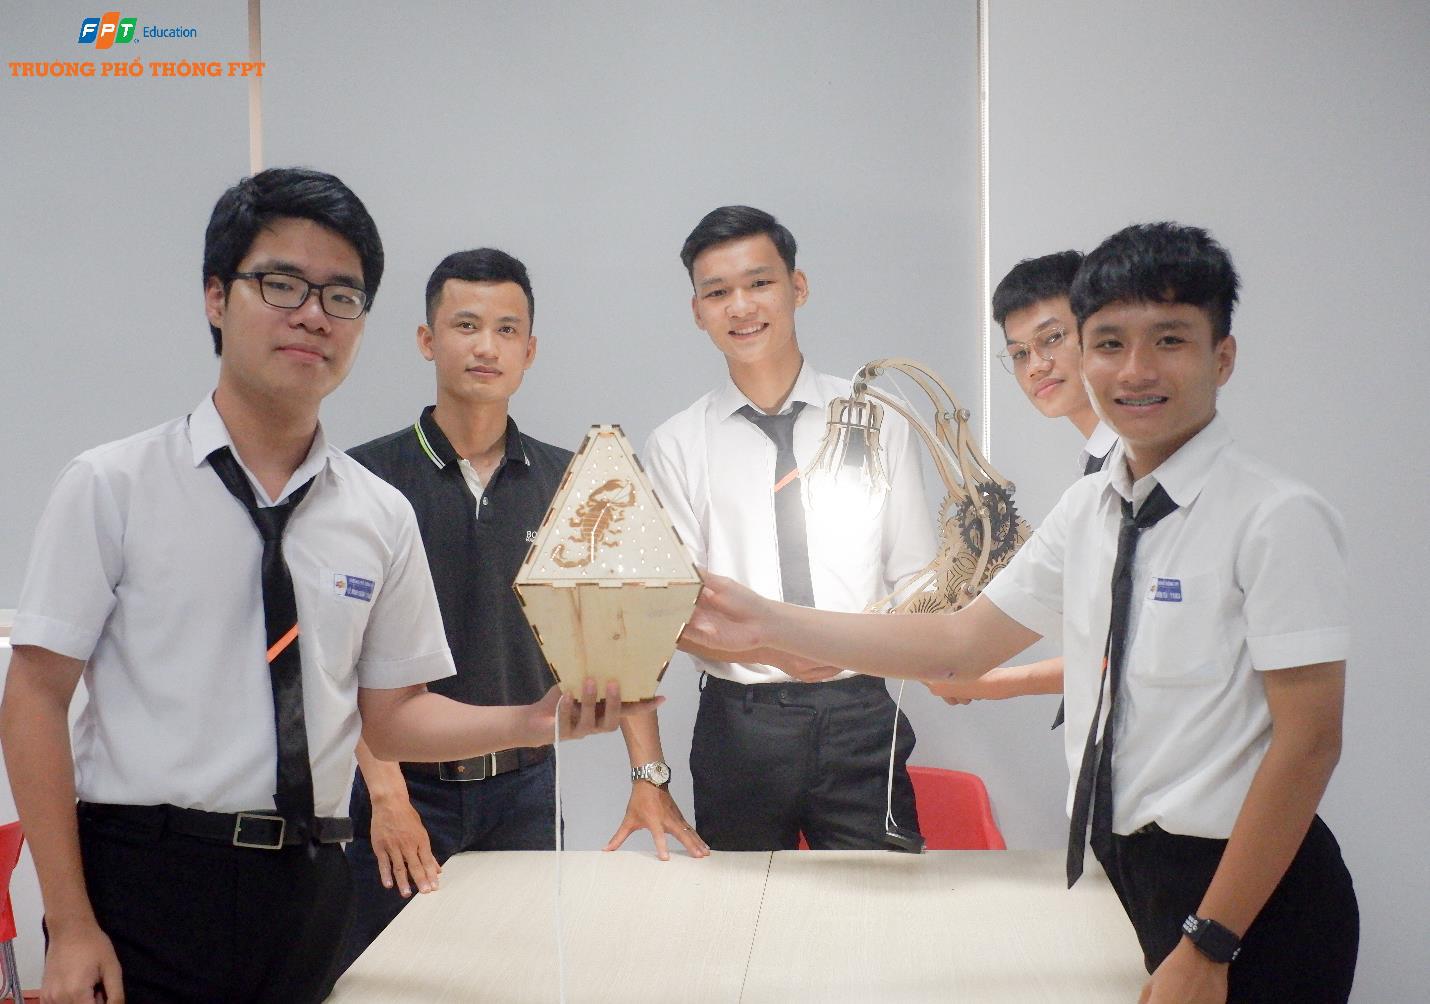 Giáo dục phổ thông thế kỷ 21 tại trường THPT FPT Đà Nẵng - Ảnh 3.